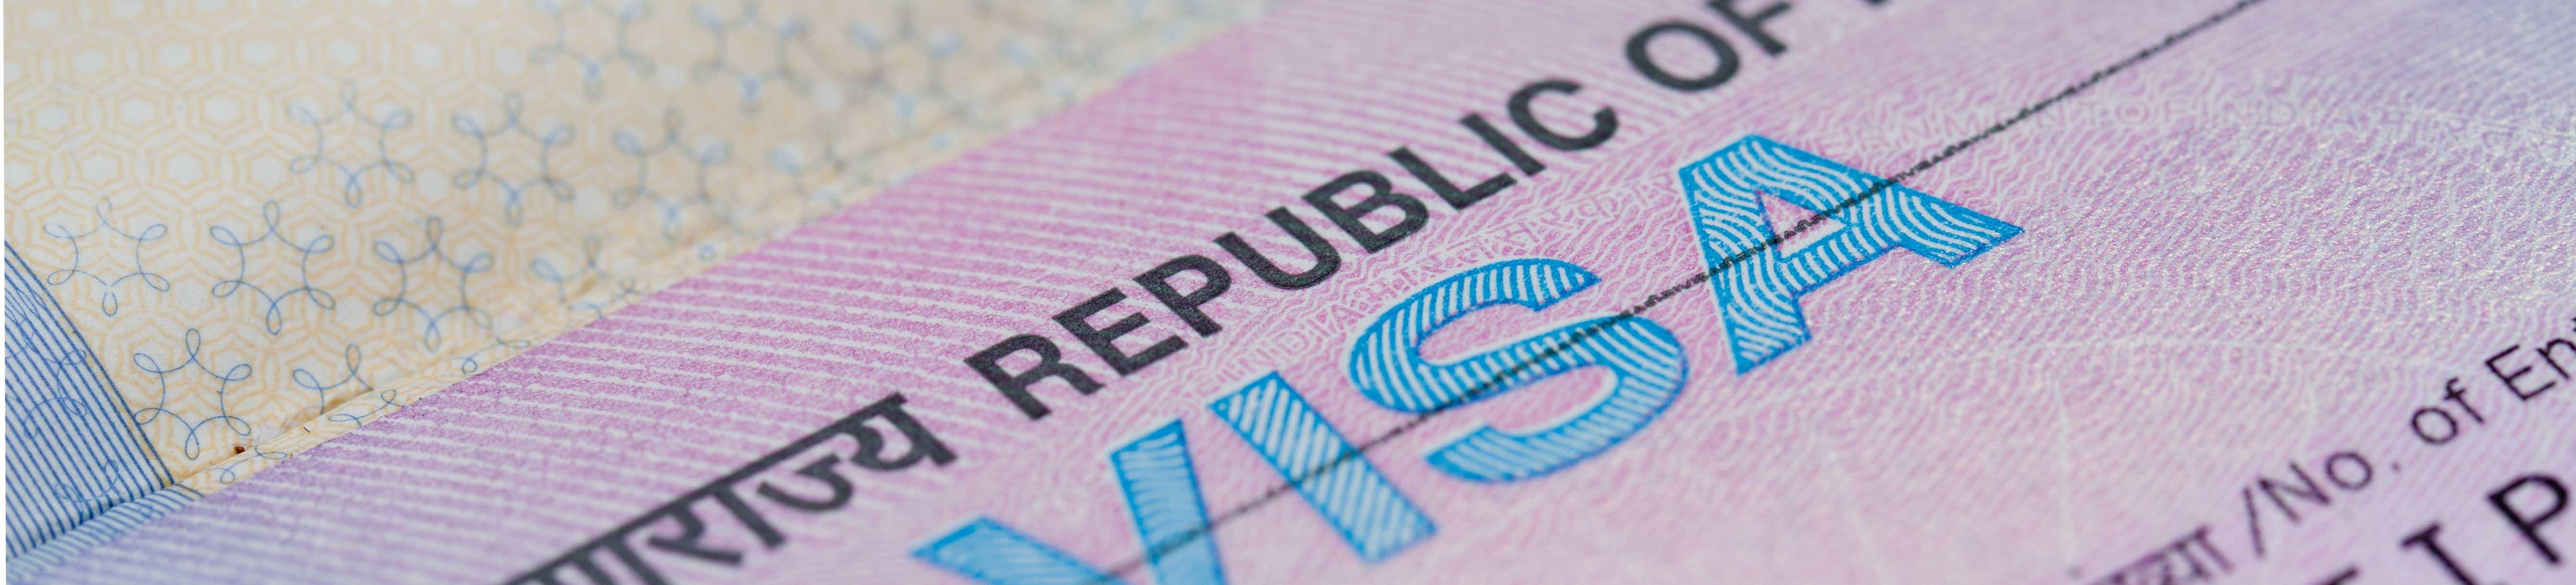 Les douanes en Inde: tout savoir sur les formalités pour passer à la douane au départ de la France